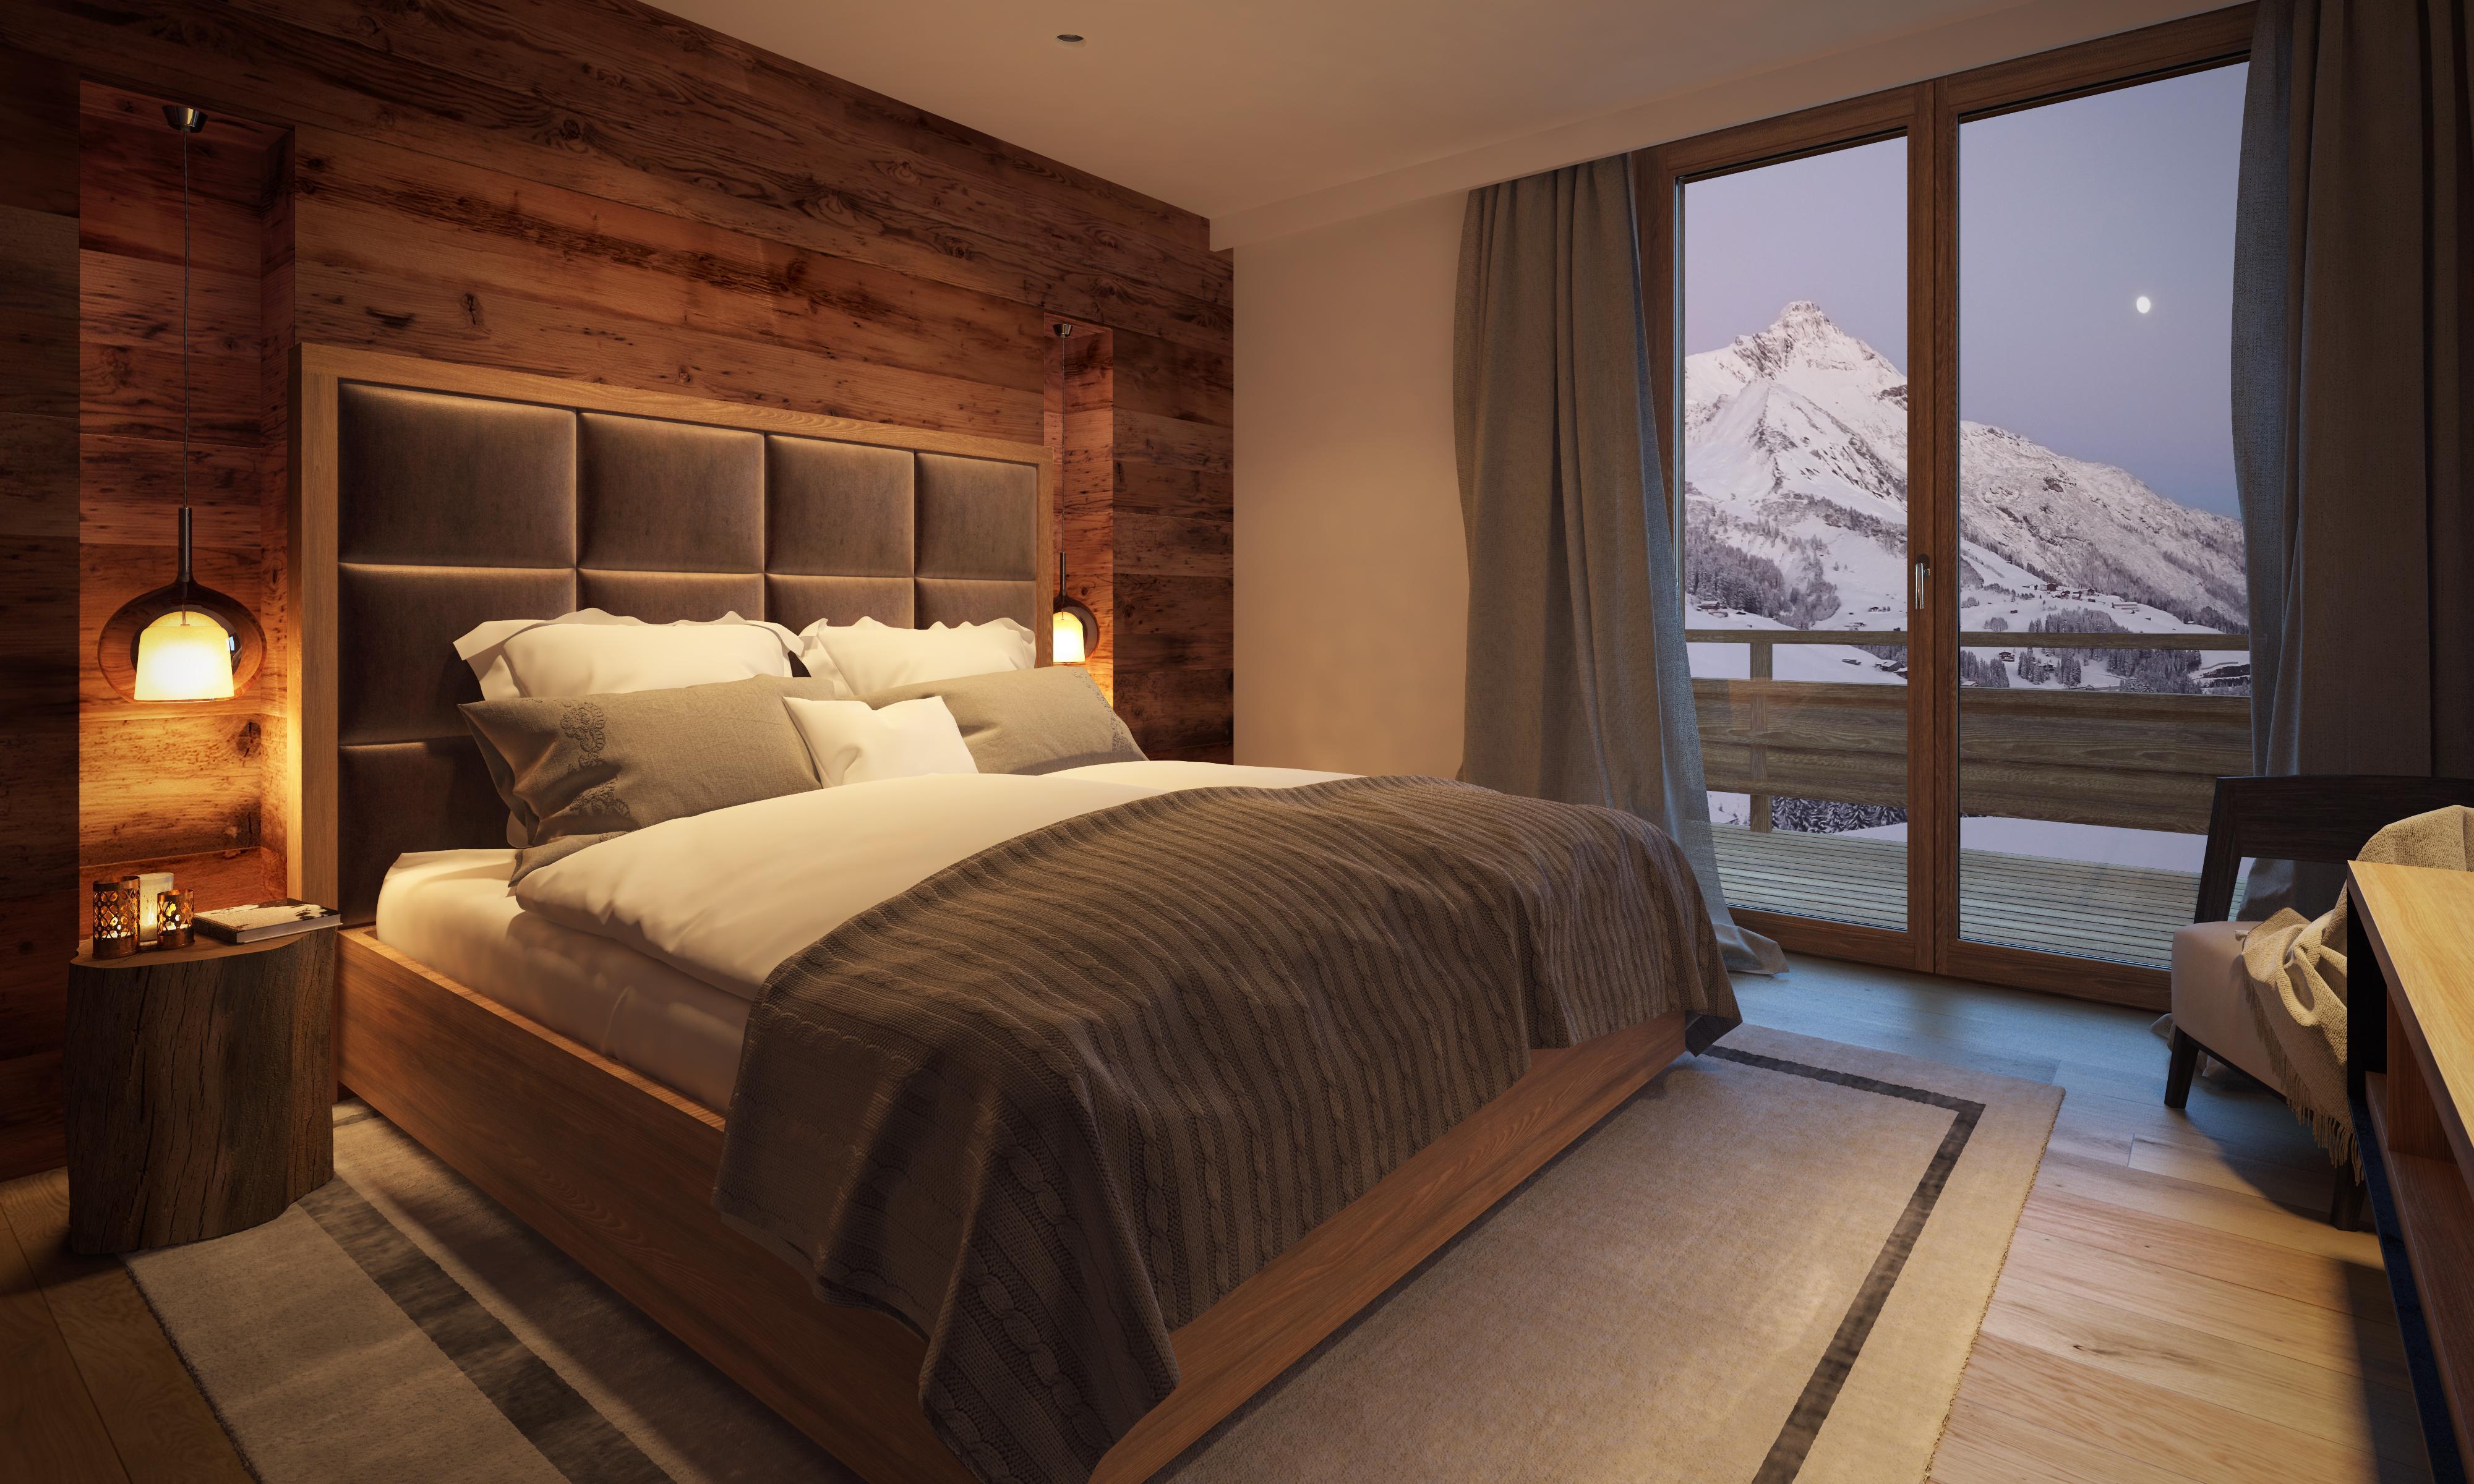 Chalet (6-10P.) 3 Schlafzimmer+3 Bäder | Lux-Alp Chalet Warth am Arlberg